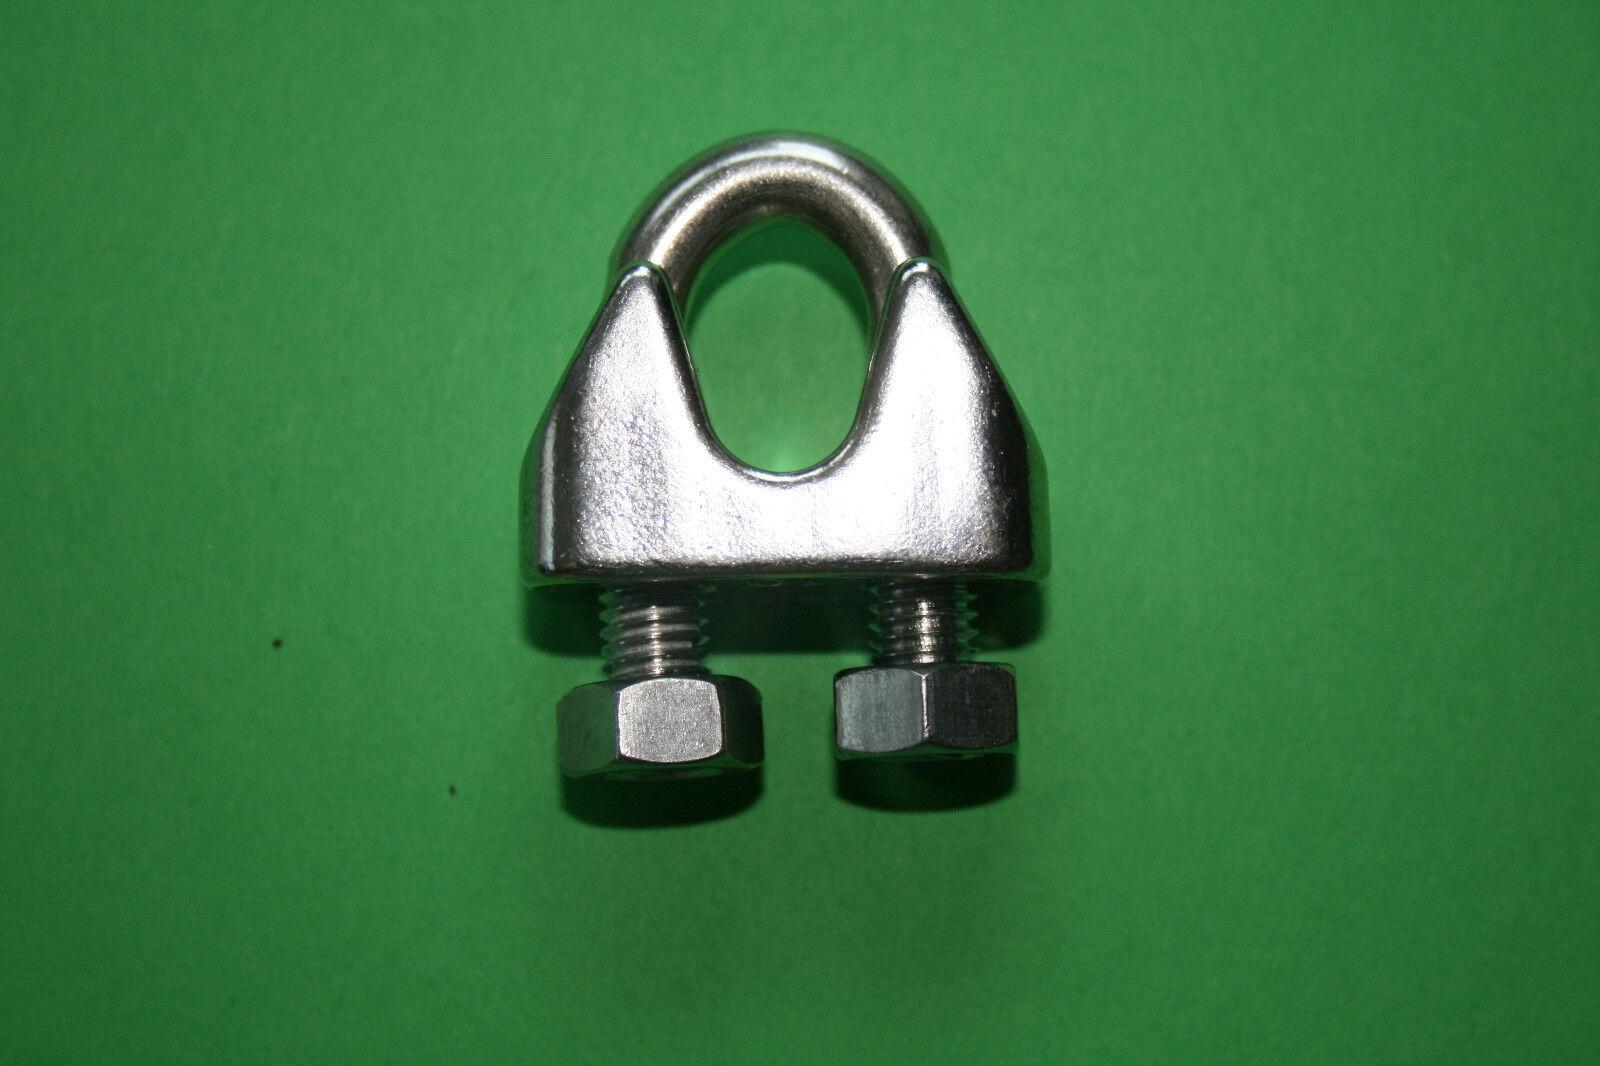 Drahtseilklemme, Bügelklemme, 2-12mm, Edelstahl A4